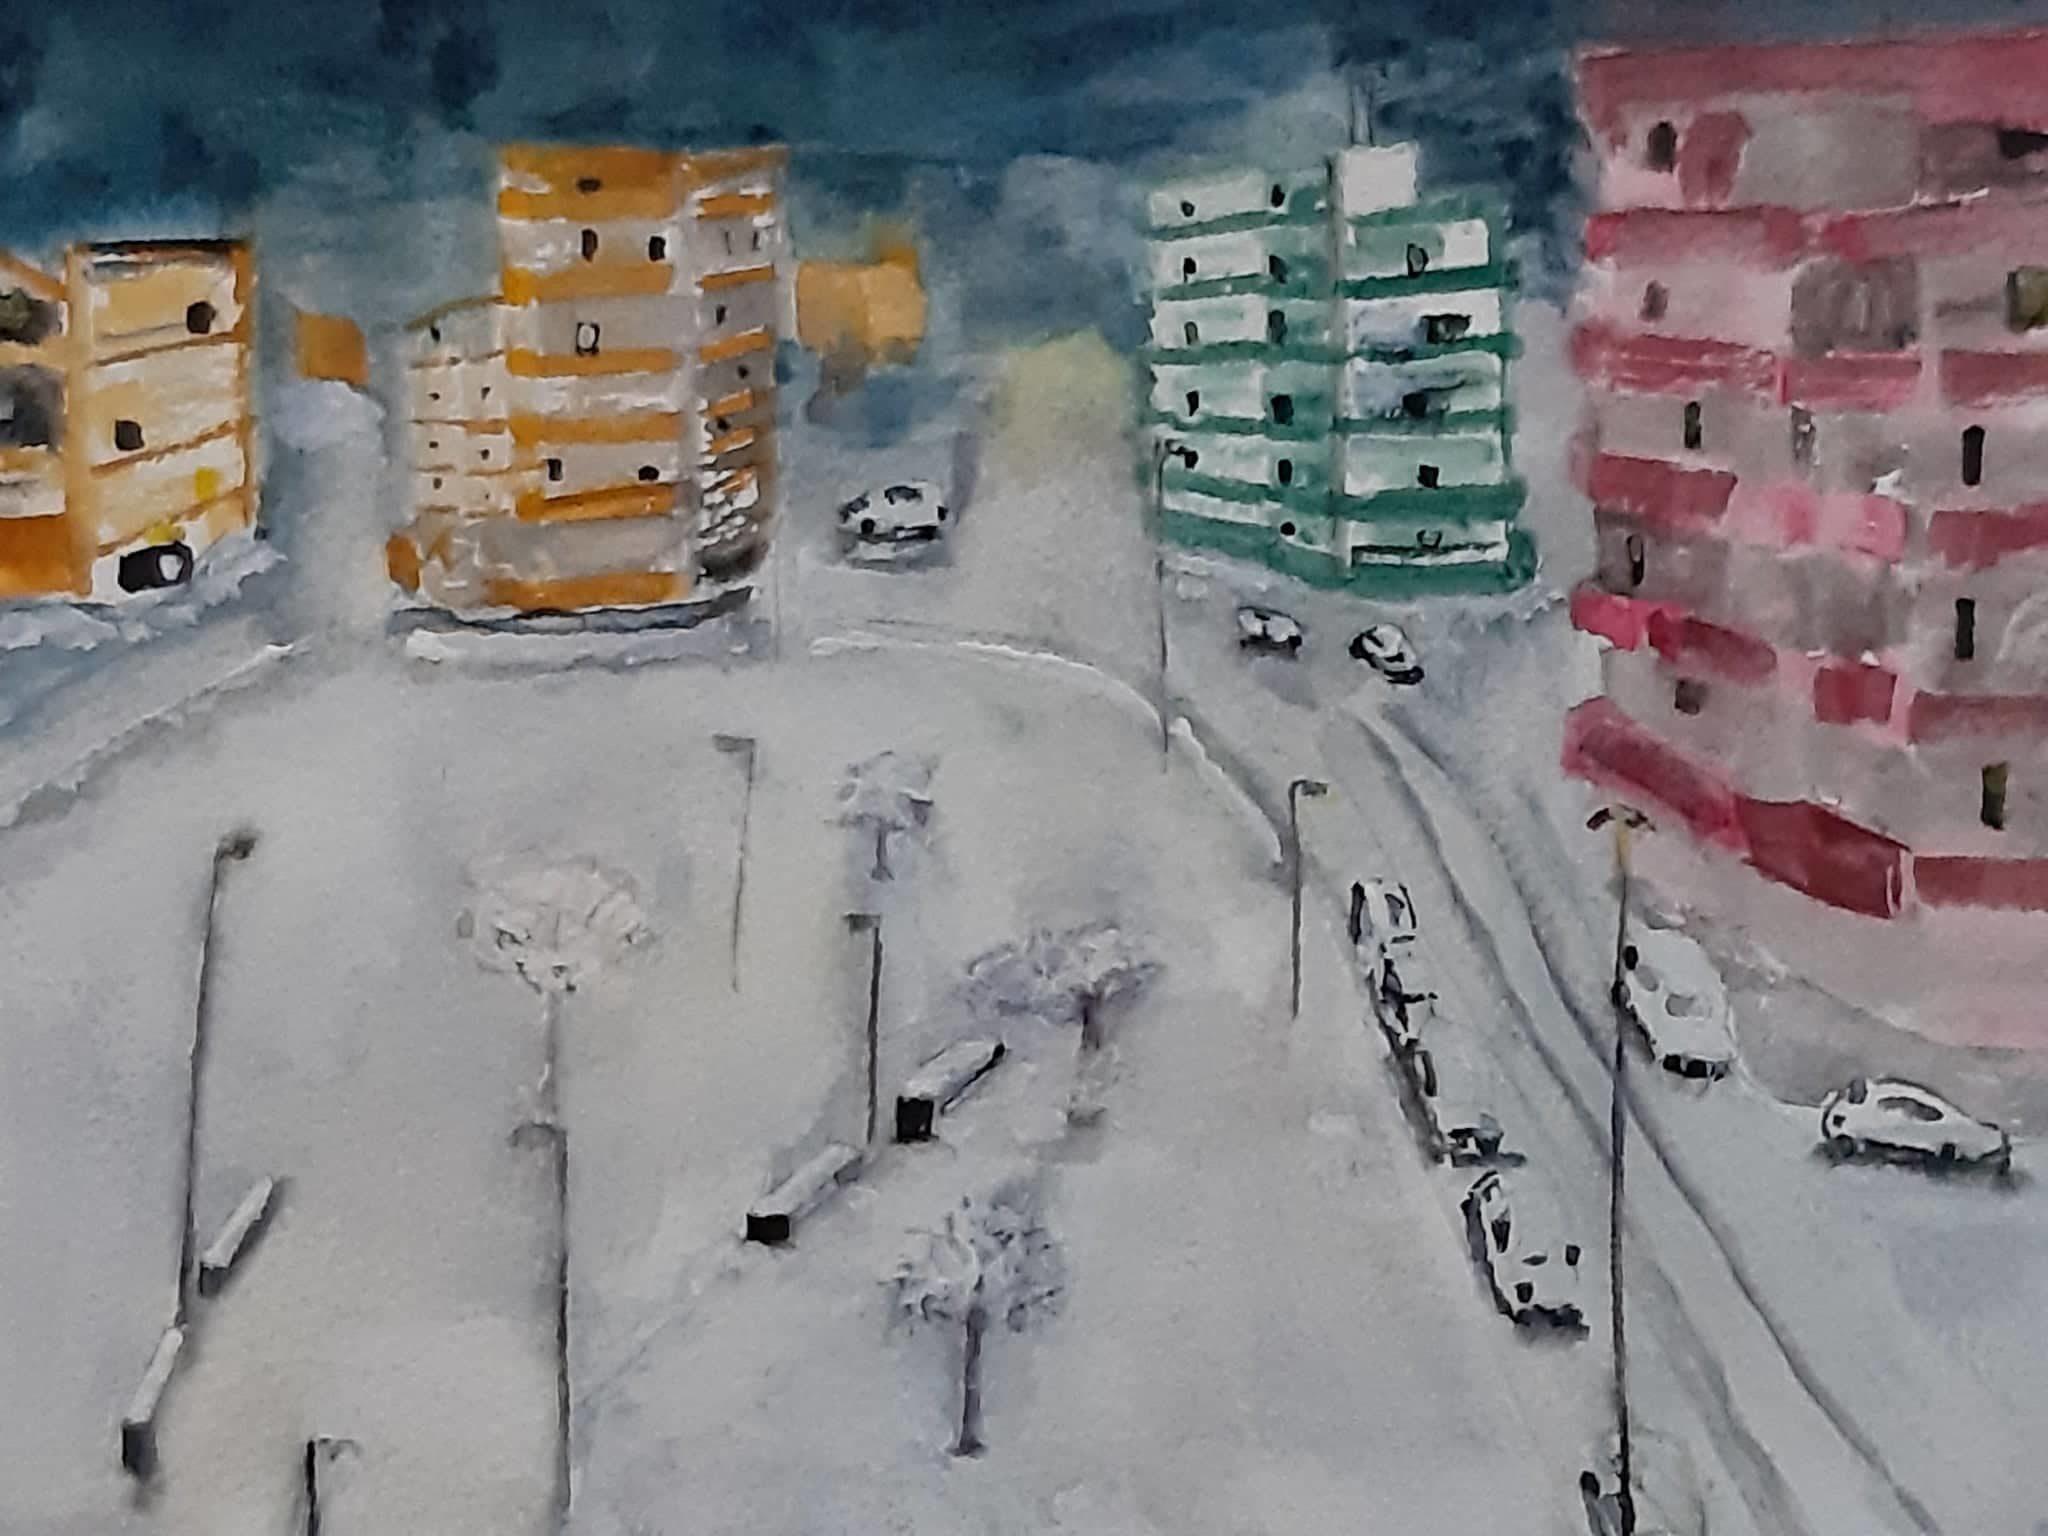 neve 167B di lecce acquerello su cartoncino 24 x 32 cm 2019